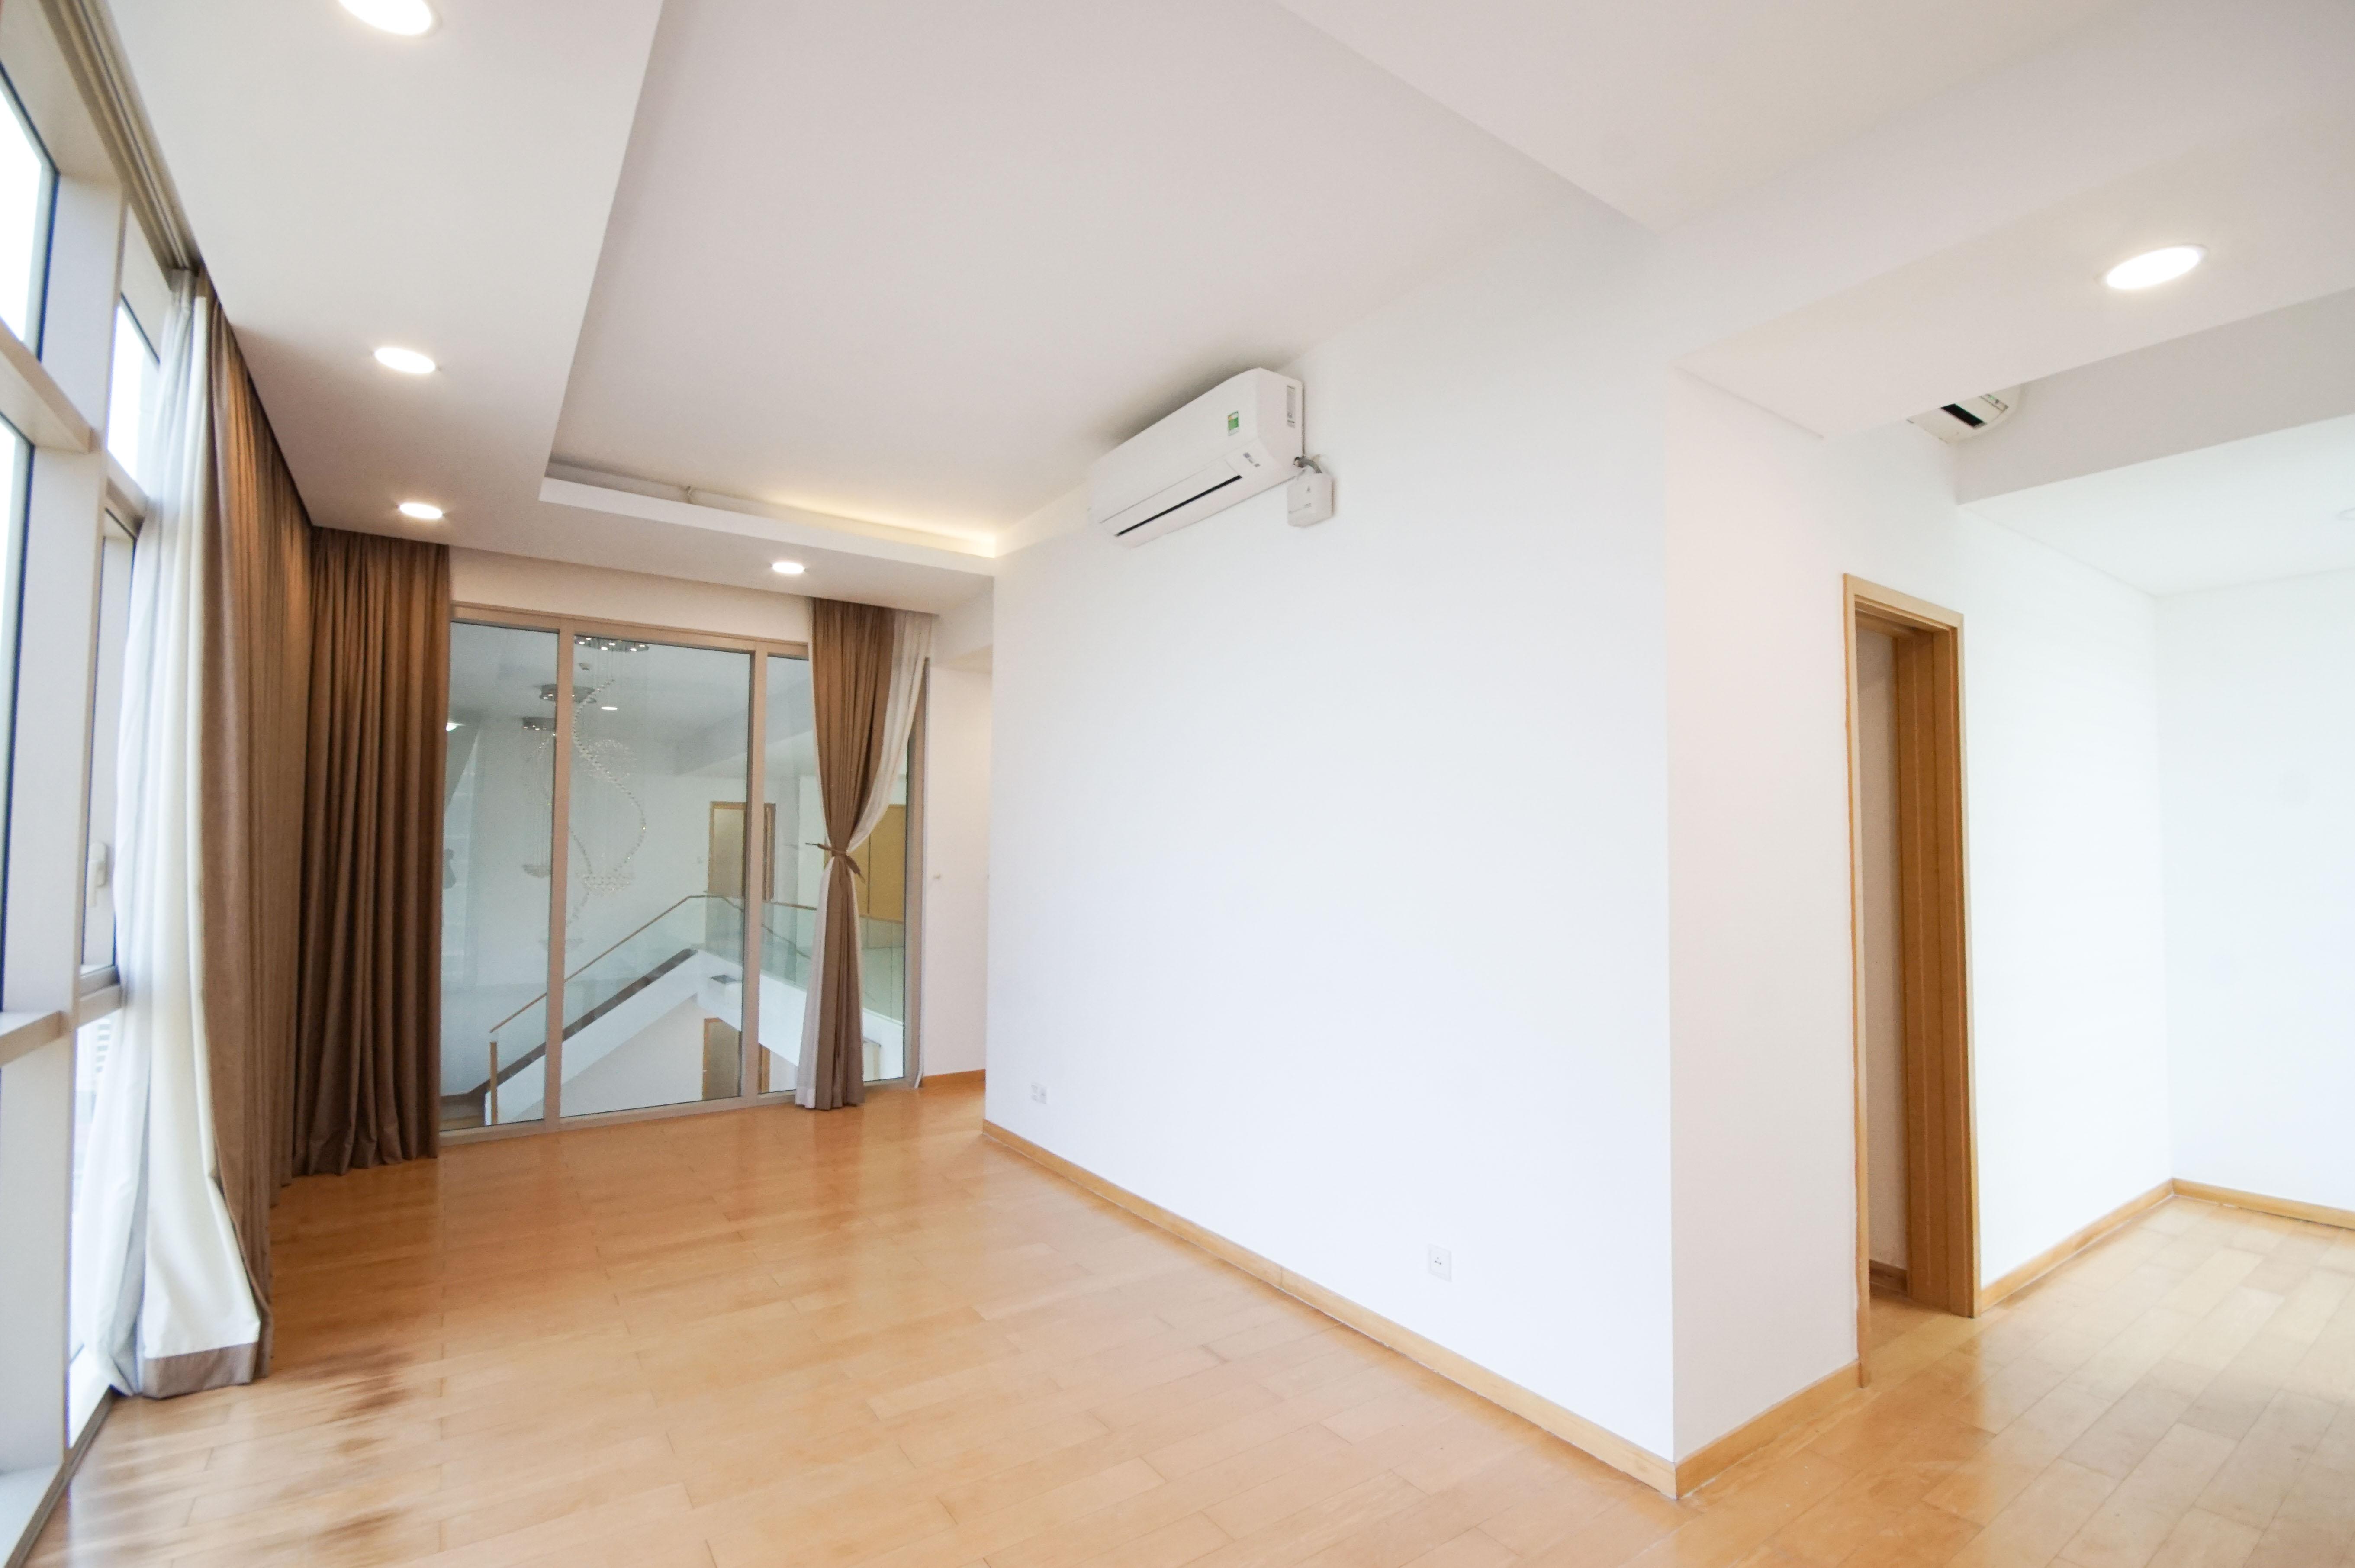 Căn hộ 4 PN The Vista - Đầy Đủ Nội Thất - Căn Penthouse Cực Đẹp Và Tràn Ngập Ánh Sáng-29